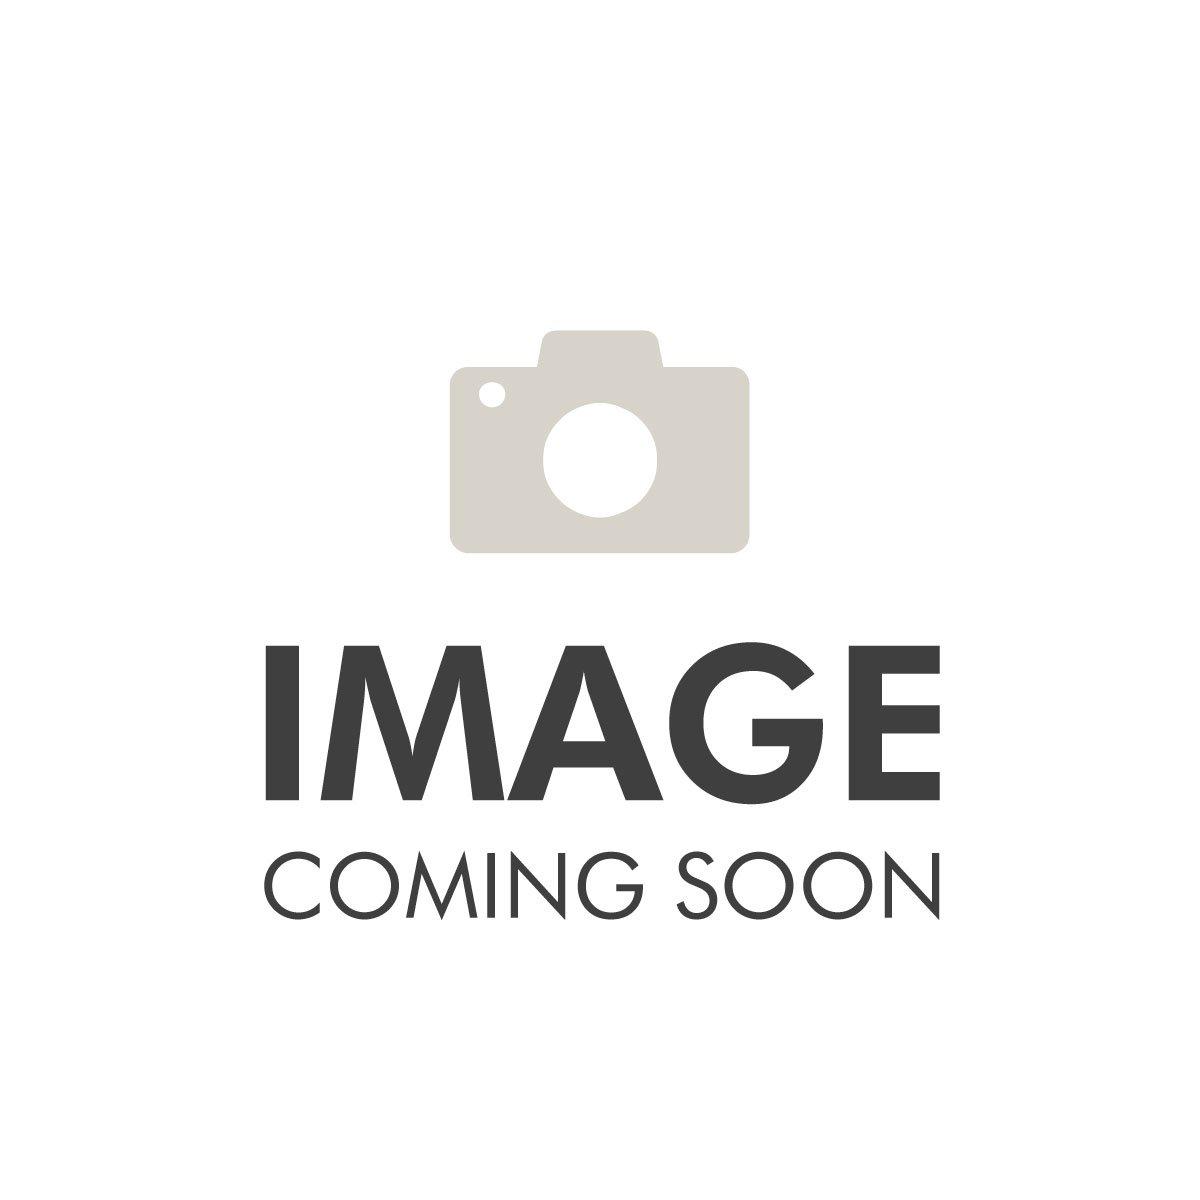 Cross Selectip Gel Rollerball Refills - Red - Fine 0.5mm (8019) - Blister